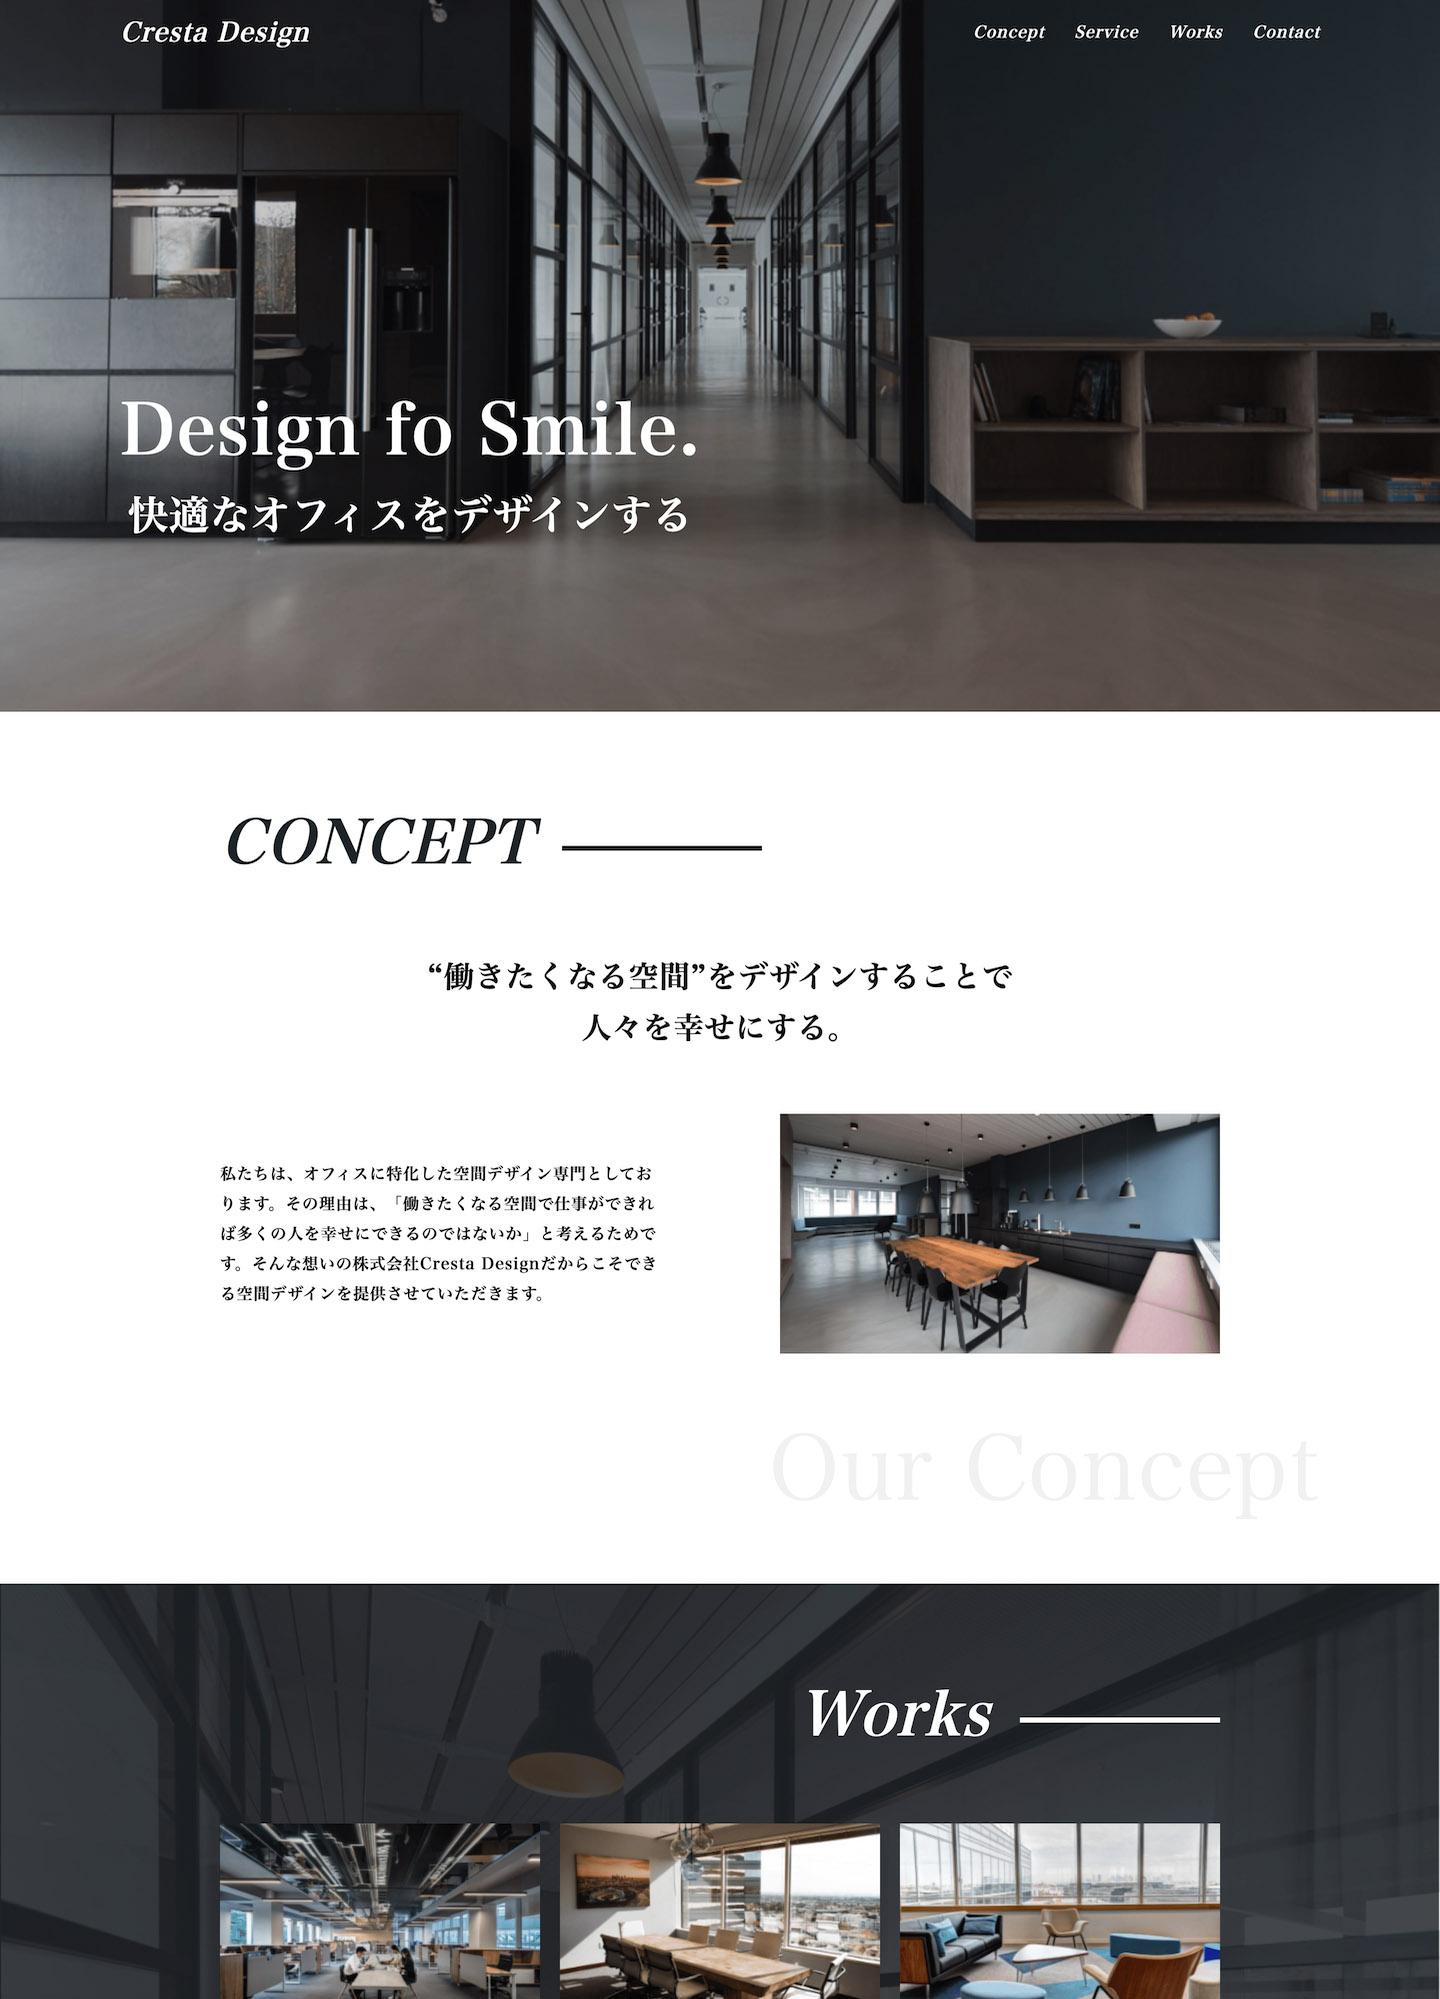 image03